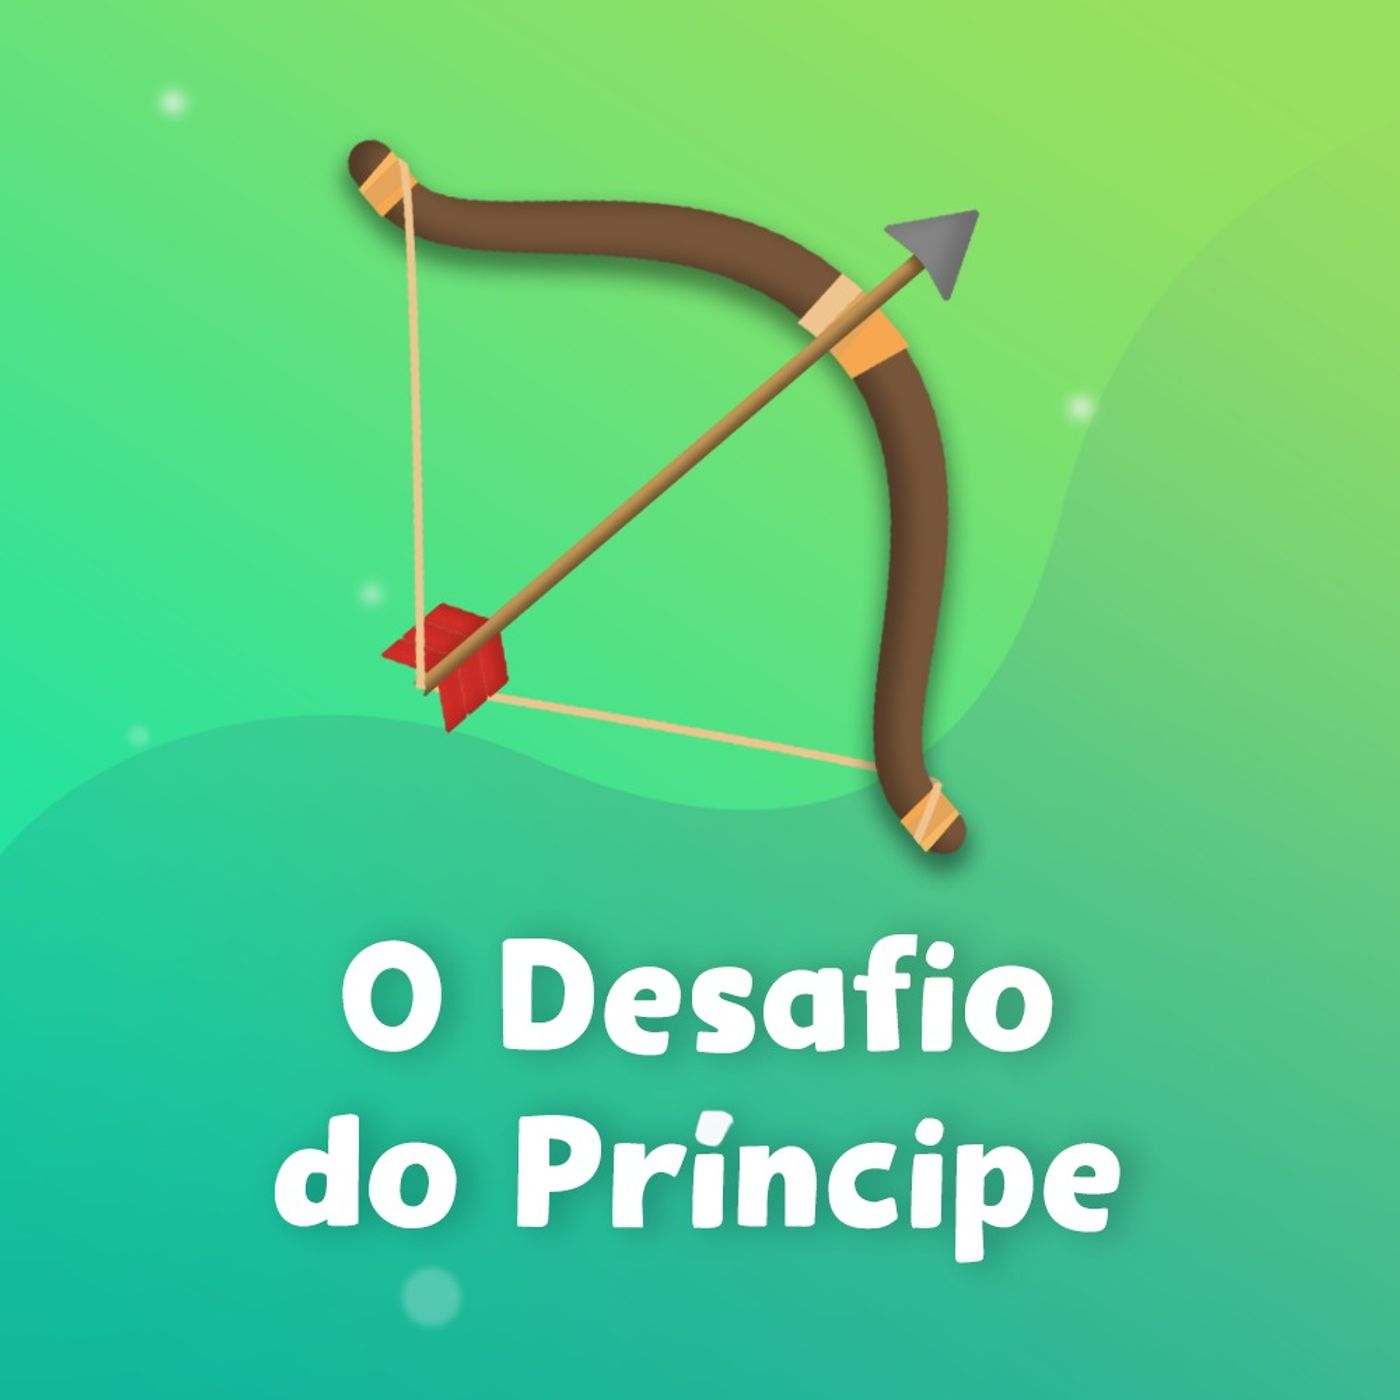 O Desafio do Príncipe